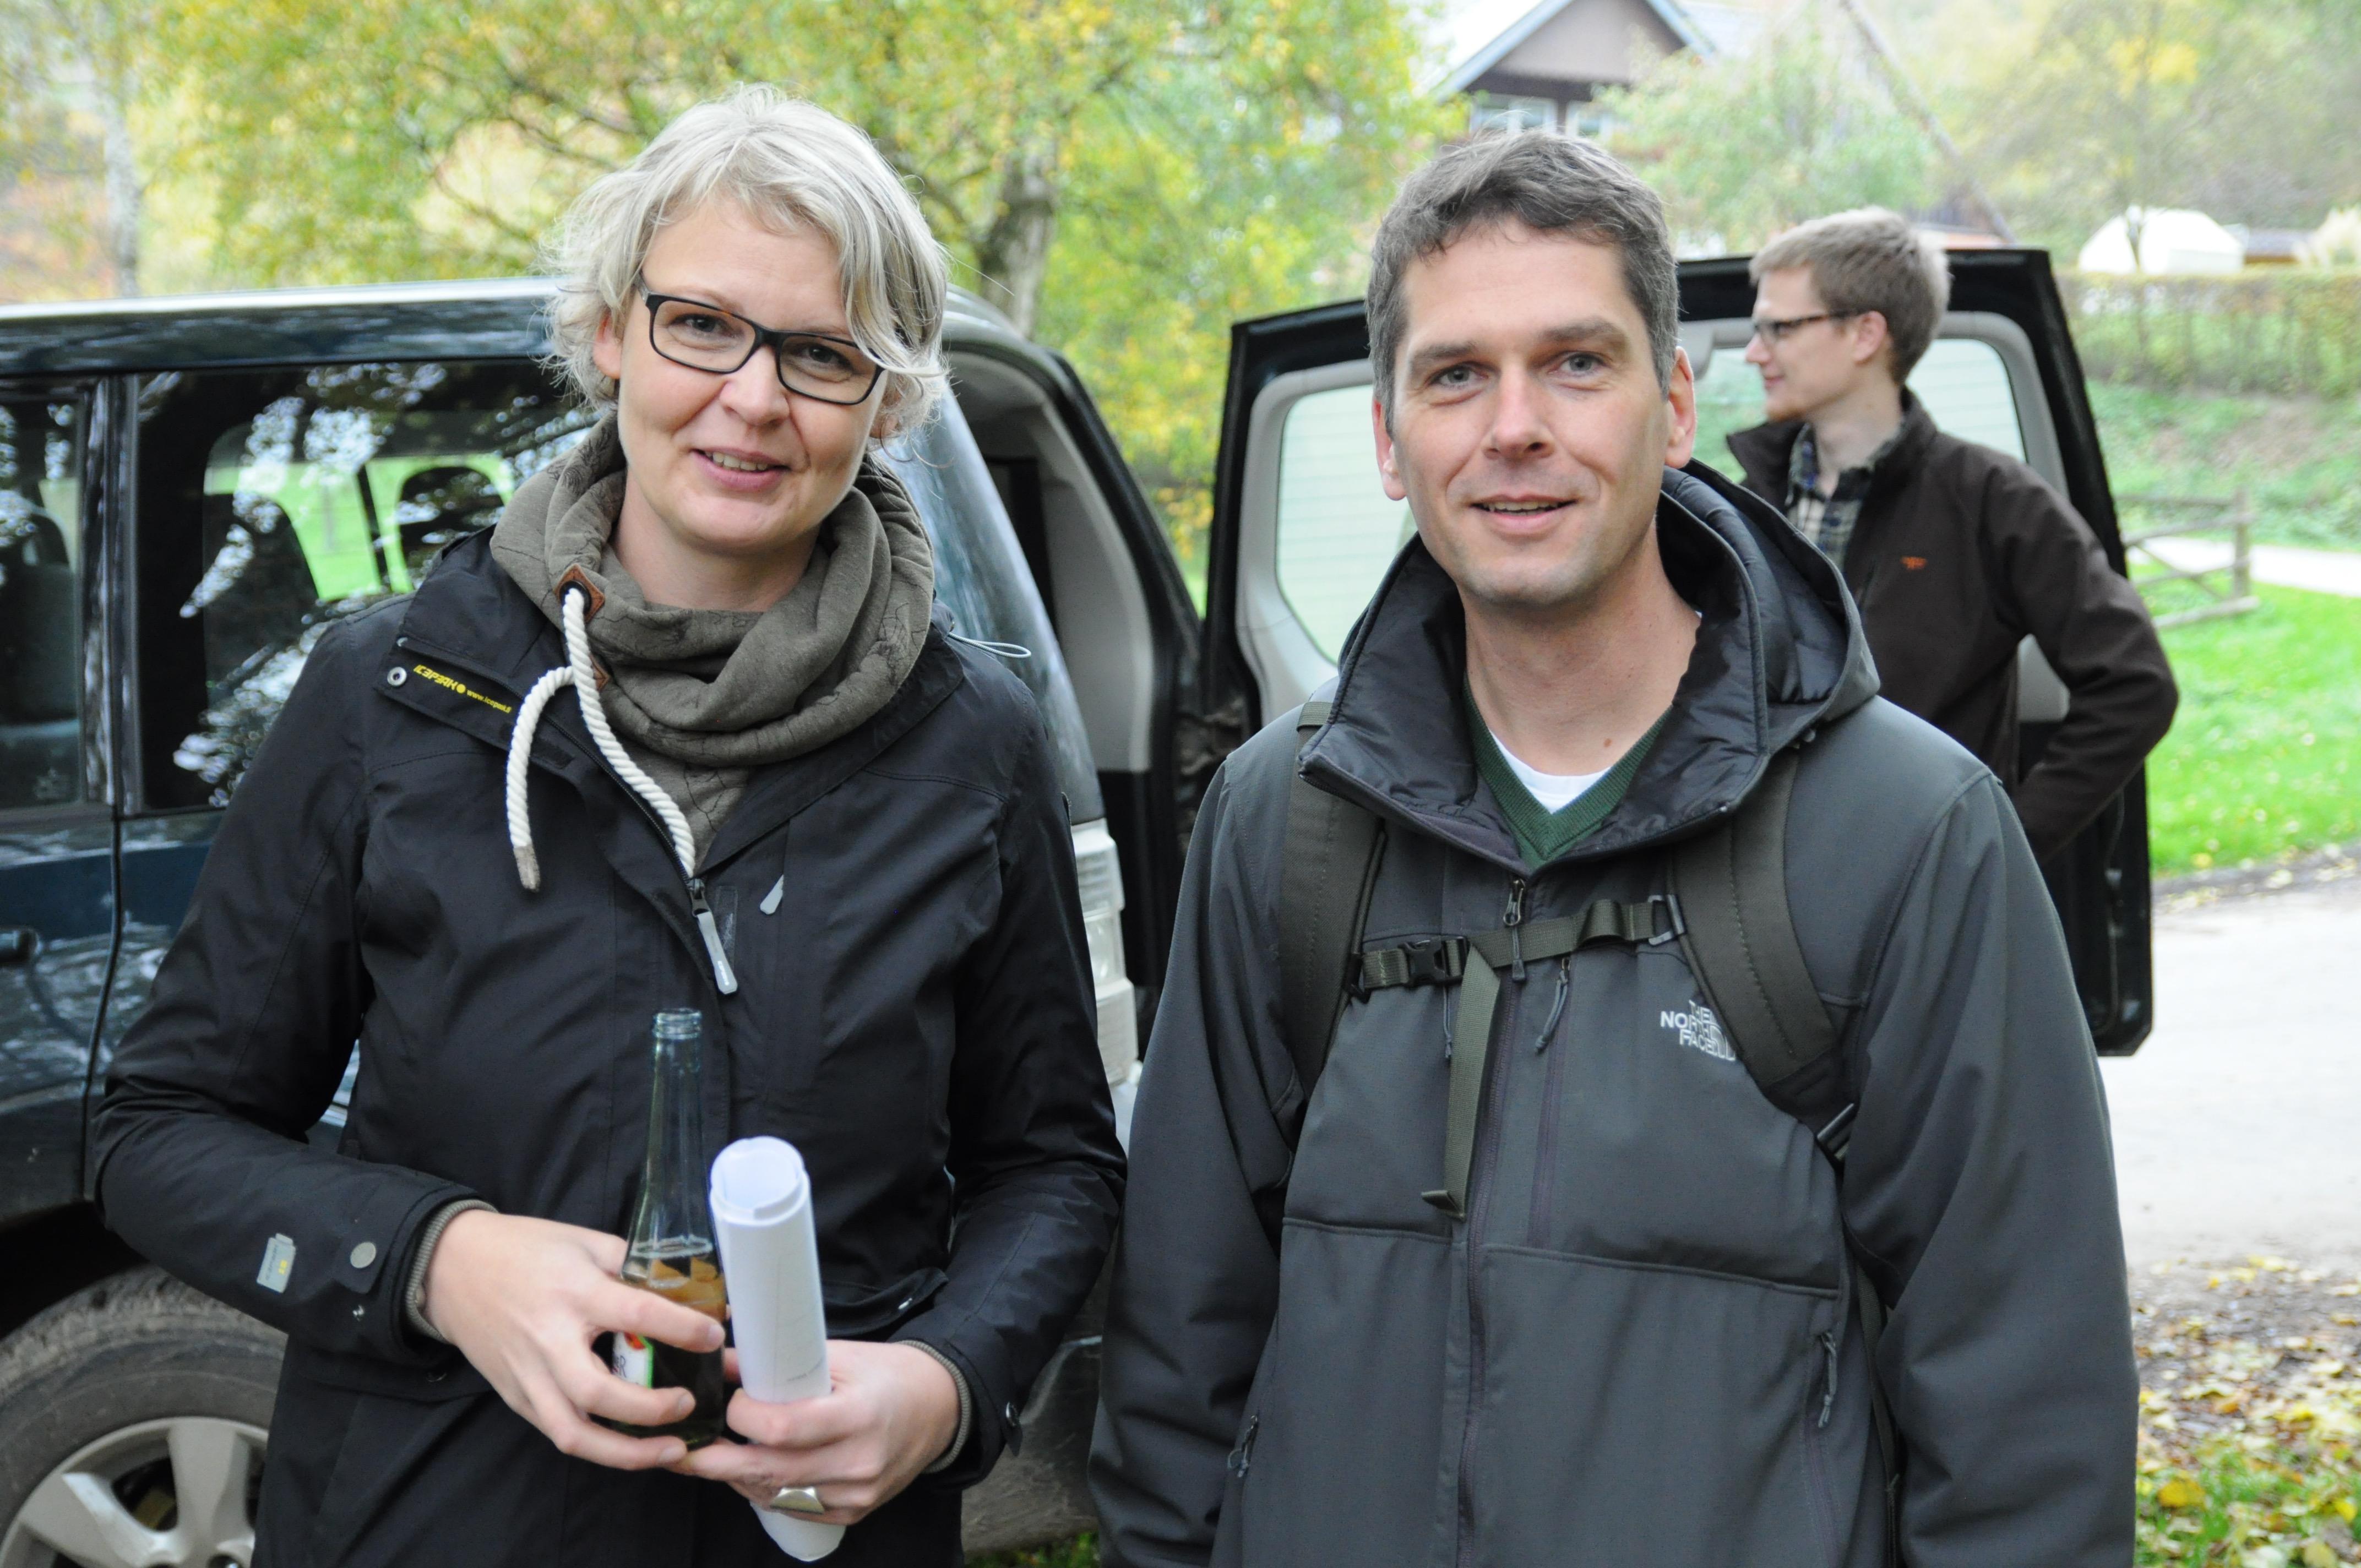 Impressionen von der GeoTour Wanderung in Lichtenau